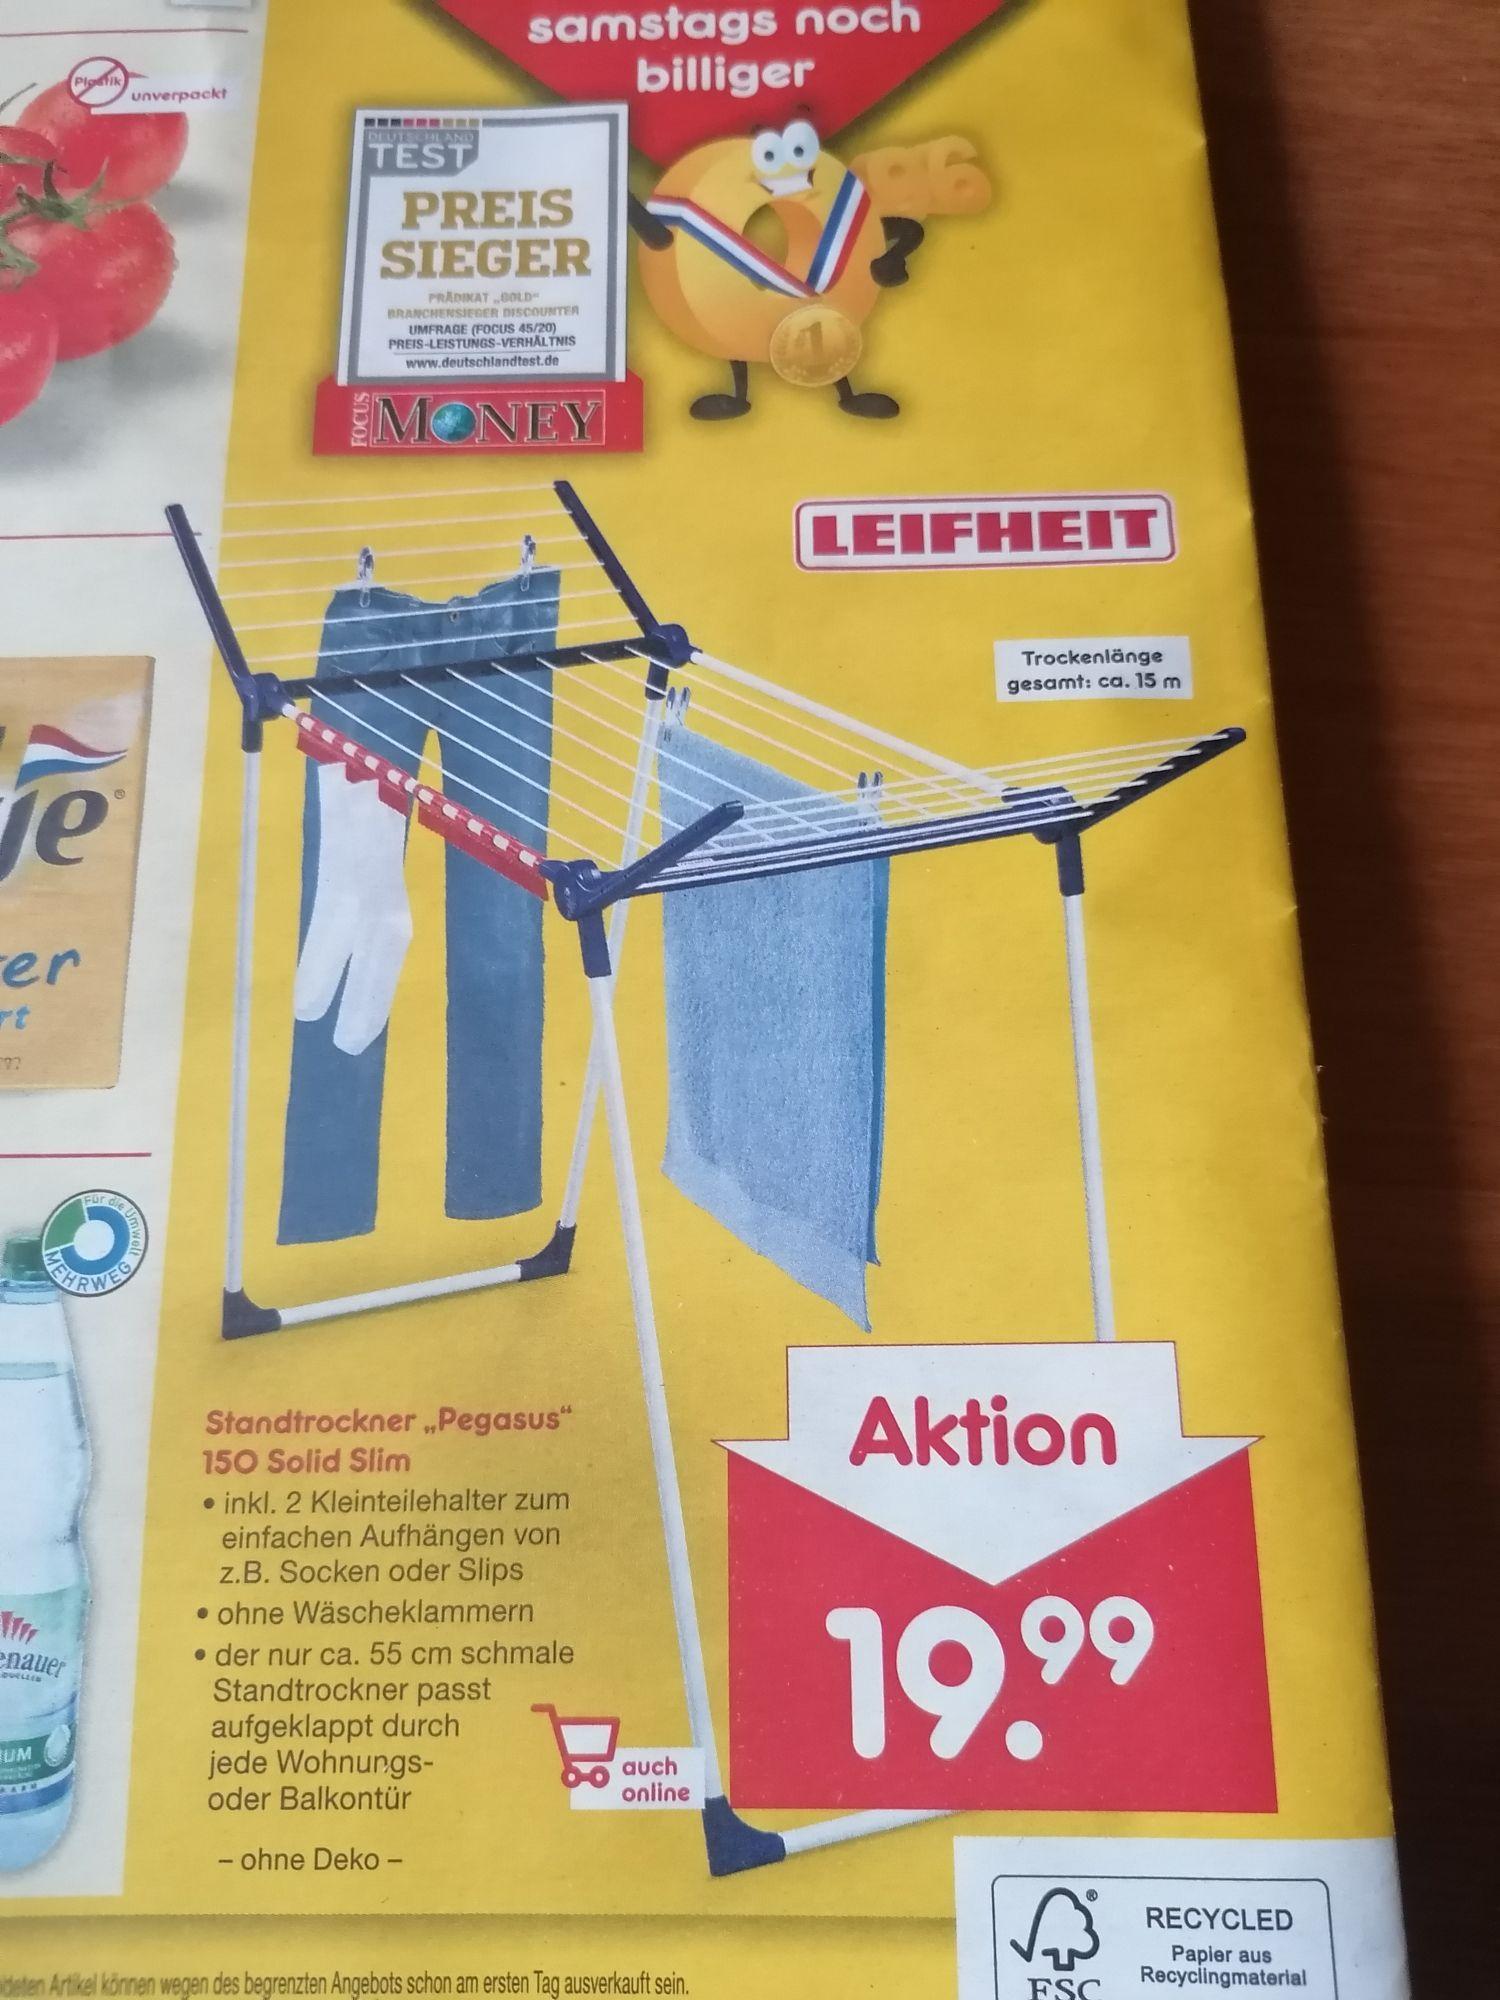 """[Netto MD 17.4.21] Leifheit Wäscheständer """"Pegasus 150 Solid"""" für 19,99€ ( eventuell mit 20% Gutschein für 15,99€)"""